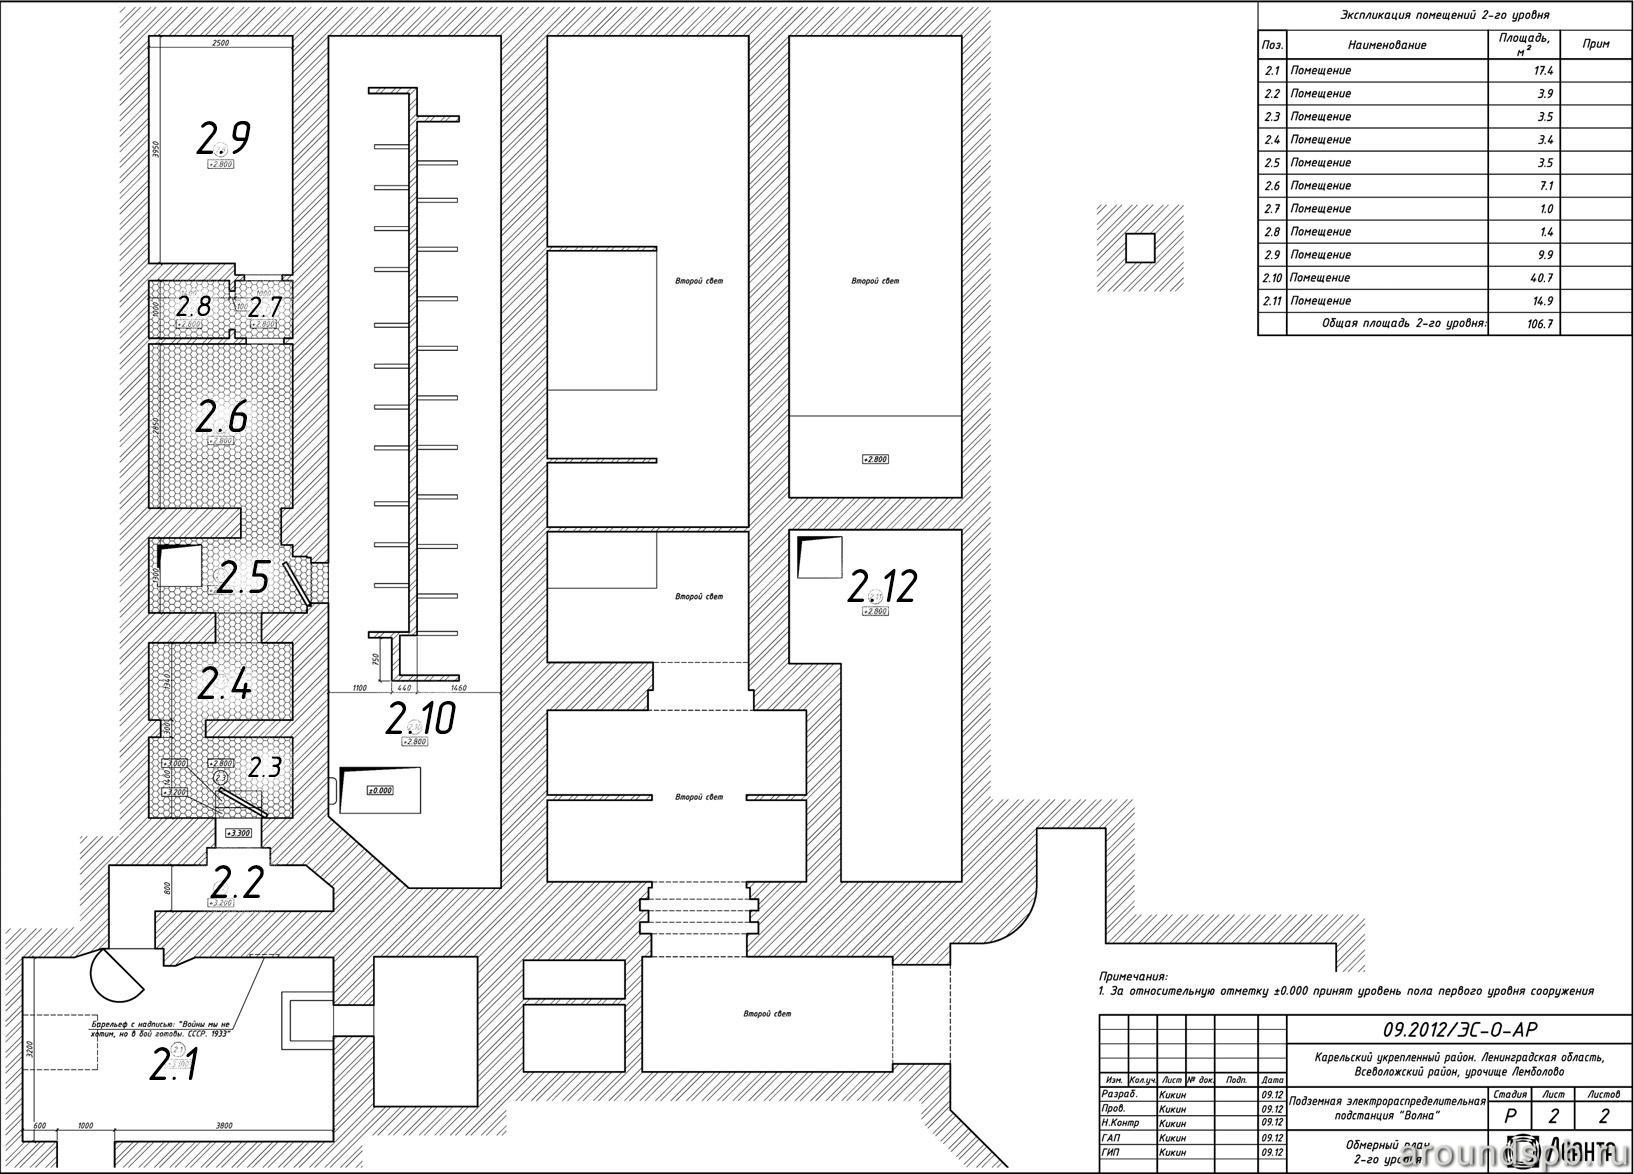 План верхнего этажа Лемболовской подстанции